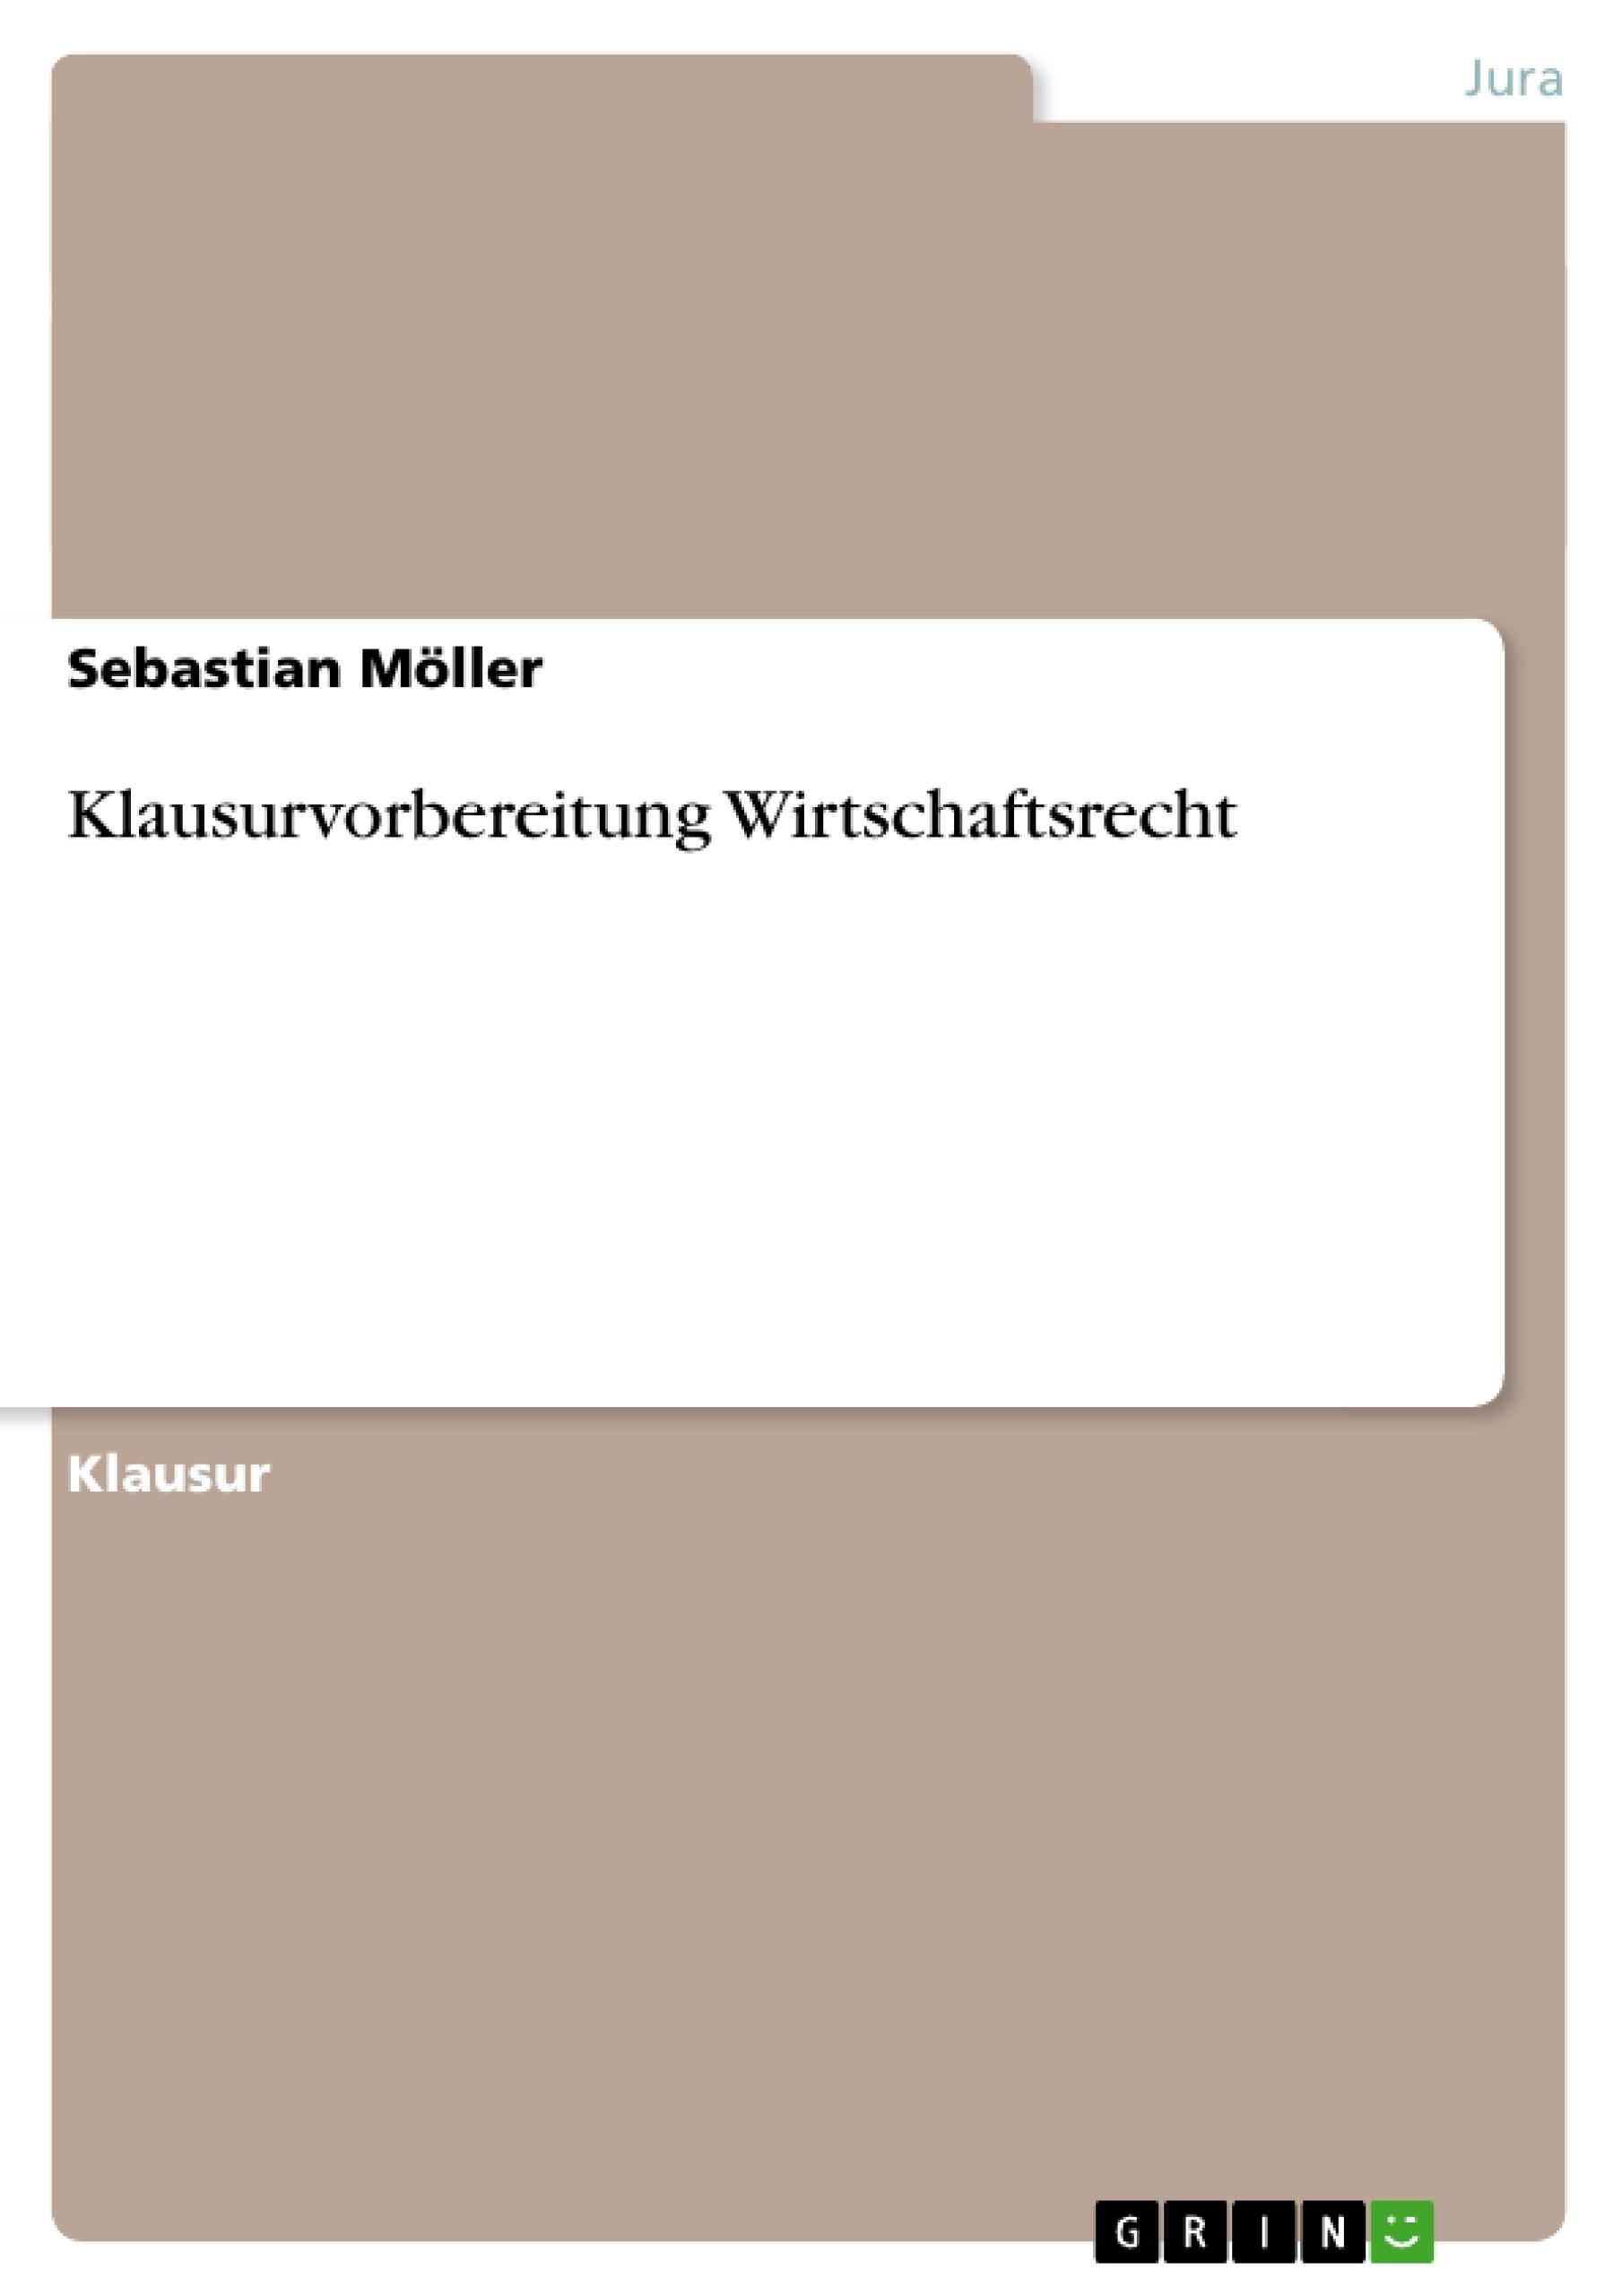 Titel: Klausurvorbereitung Wirtschaftsrecht